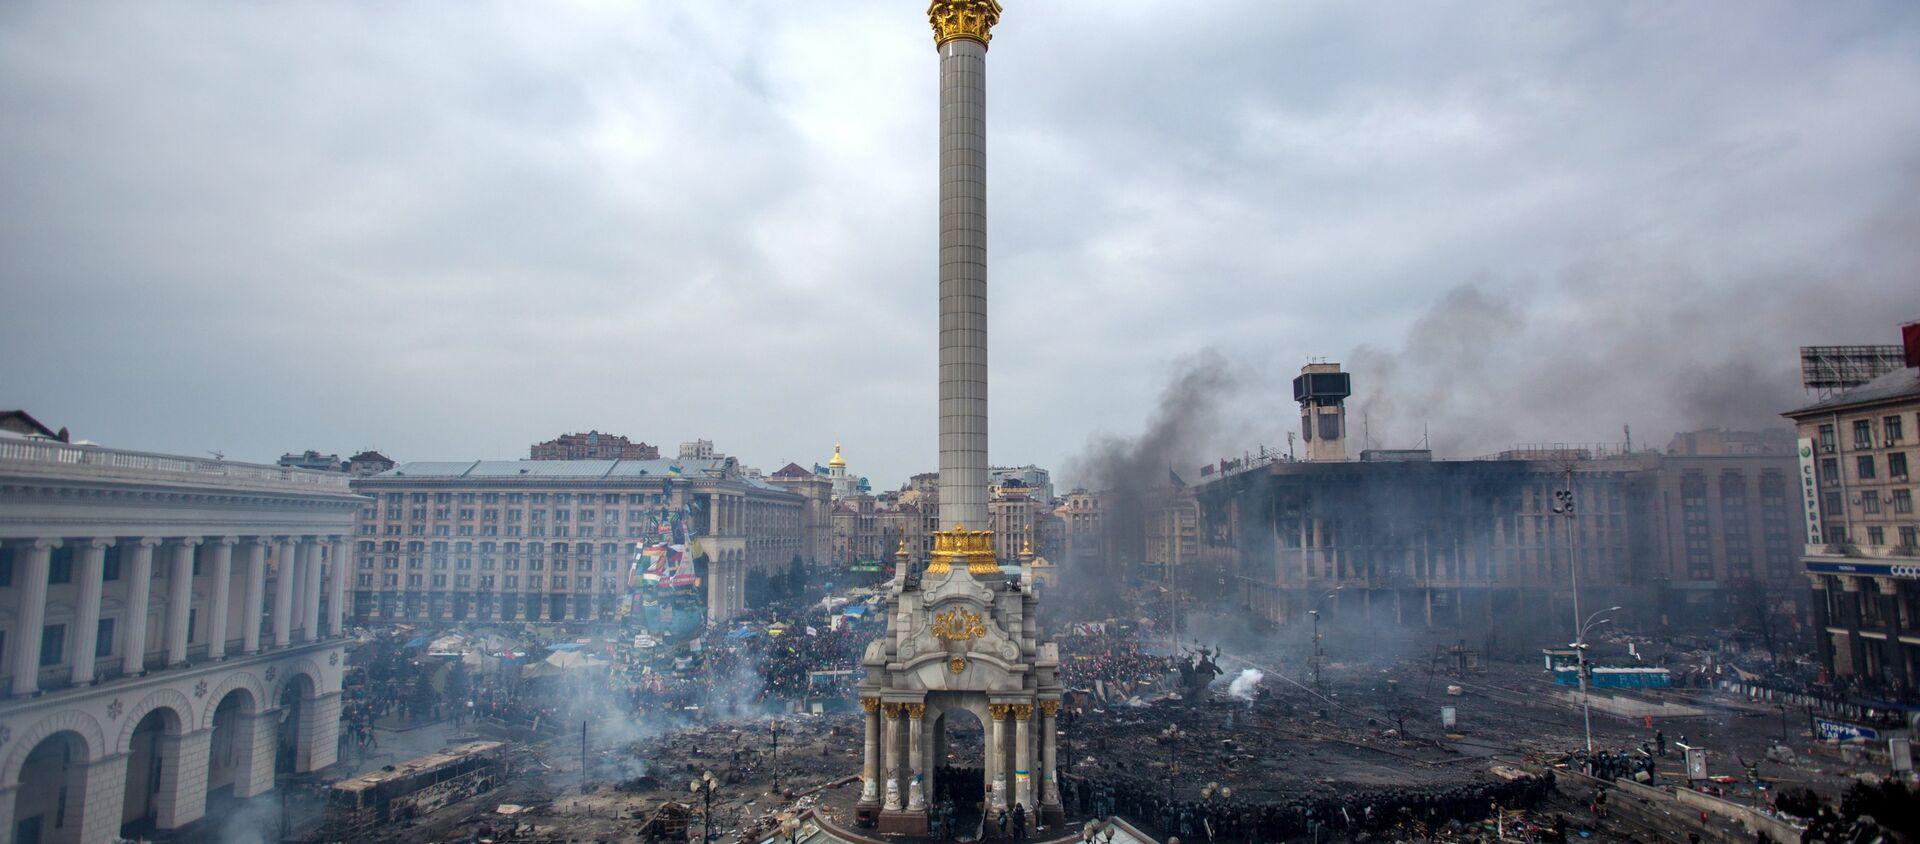 Ukrayna'nın başkenti Kiev'deki Maydan protestoları - Sputnik Türkiye, 1920, 14.02.2018